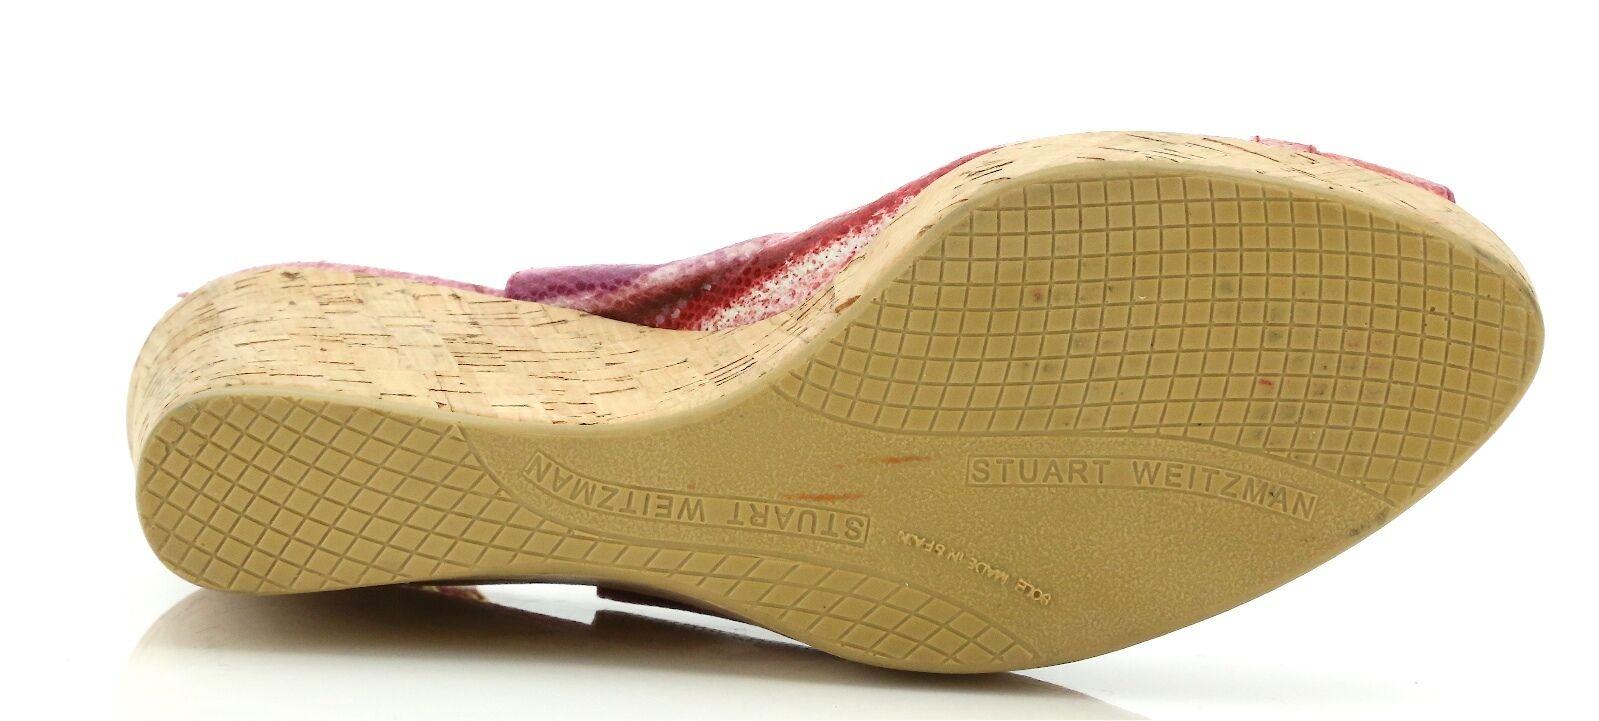 Stuart Weitzman Rojo Sandalias de cuña con estampado estampado estampado de serpiente 1042 Talla 8.5 M  nuevo 9c3d27